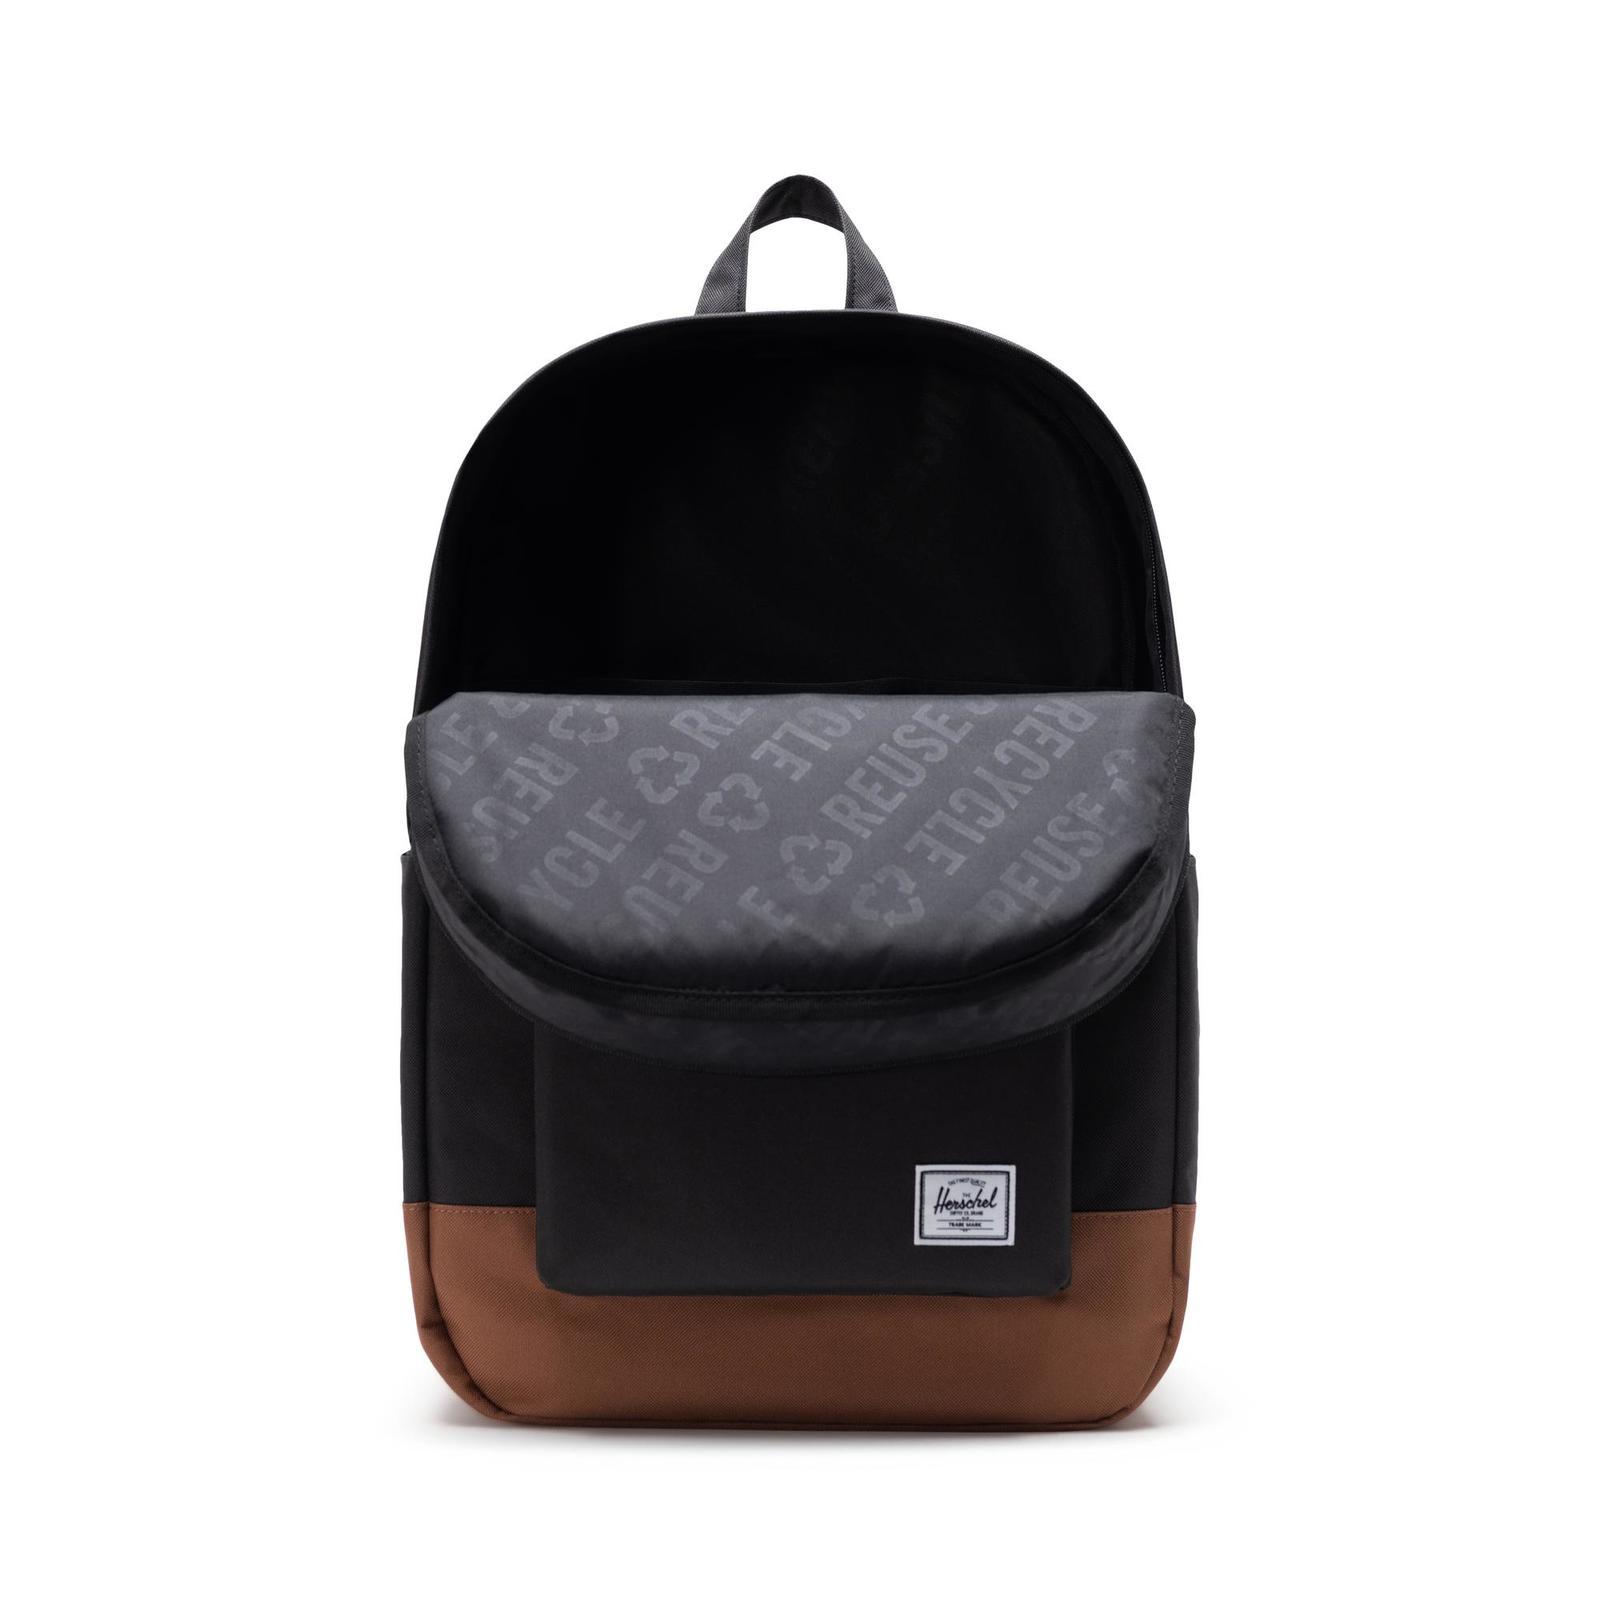 Heritage Backpack - Black image